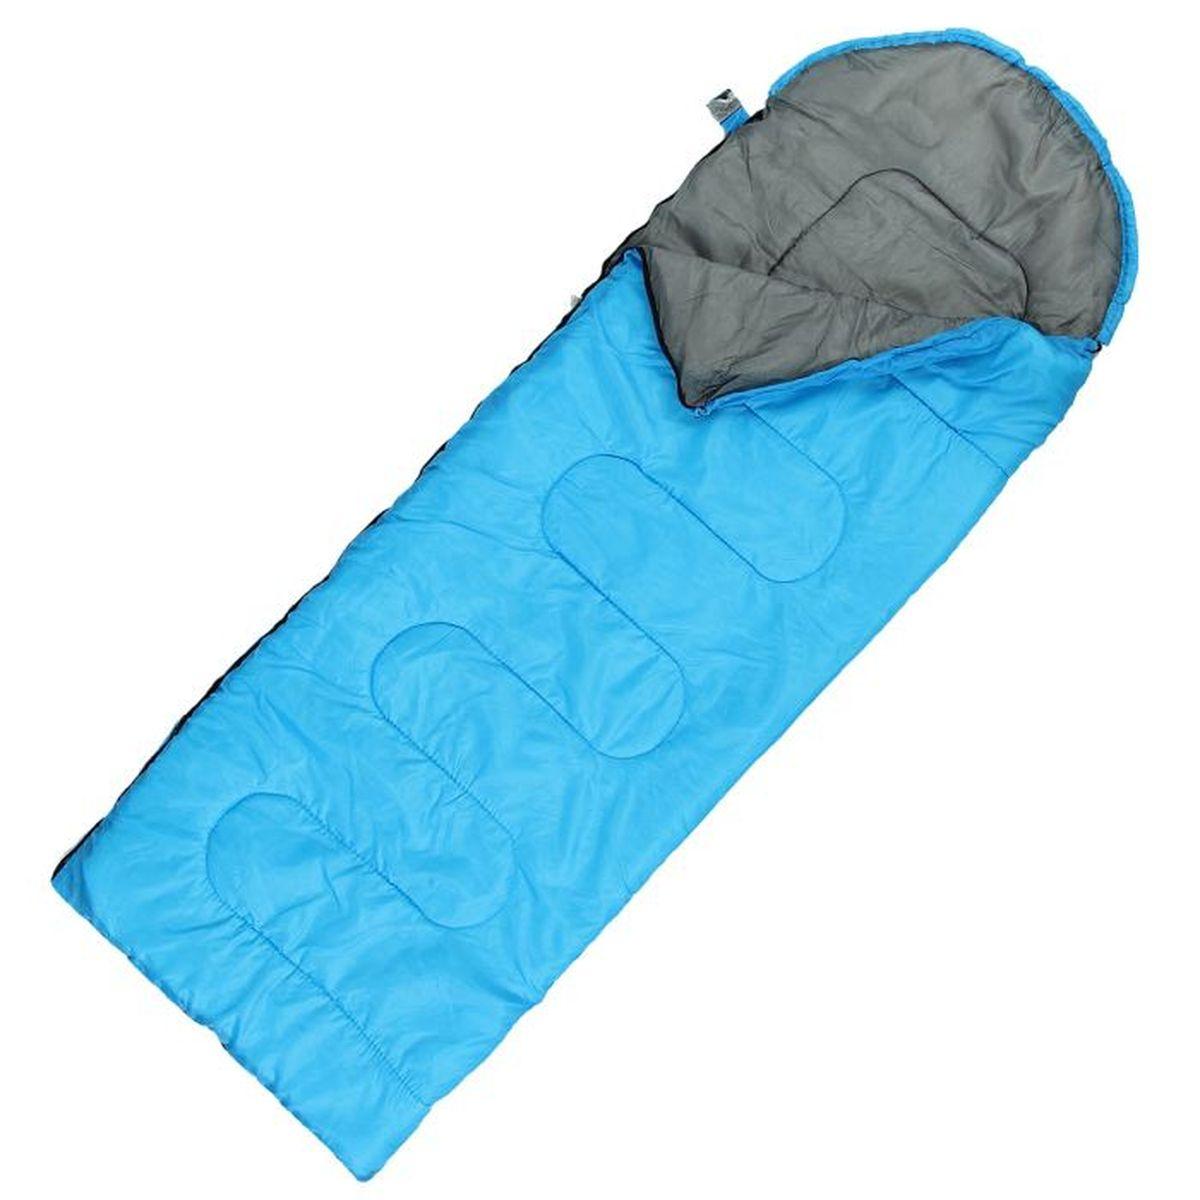 Спальный мешок Командор, цвет: голубой, правосторонняя молния спальный мешок woodland berloga 400 r правосторонняя молния цвет хаки